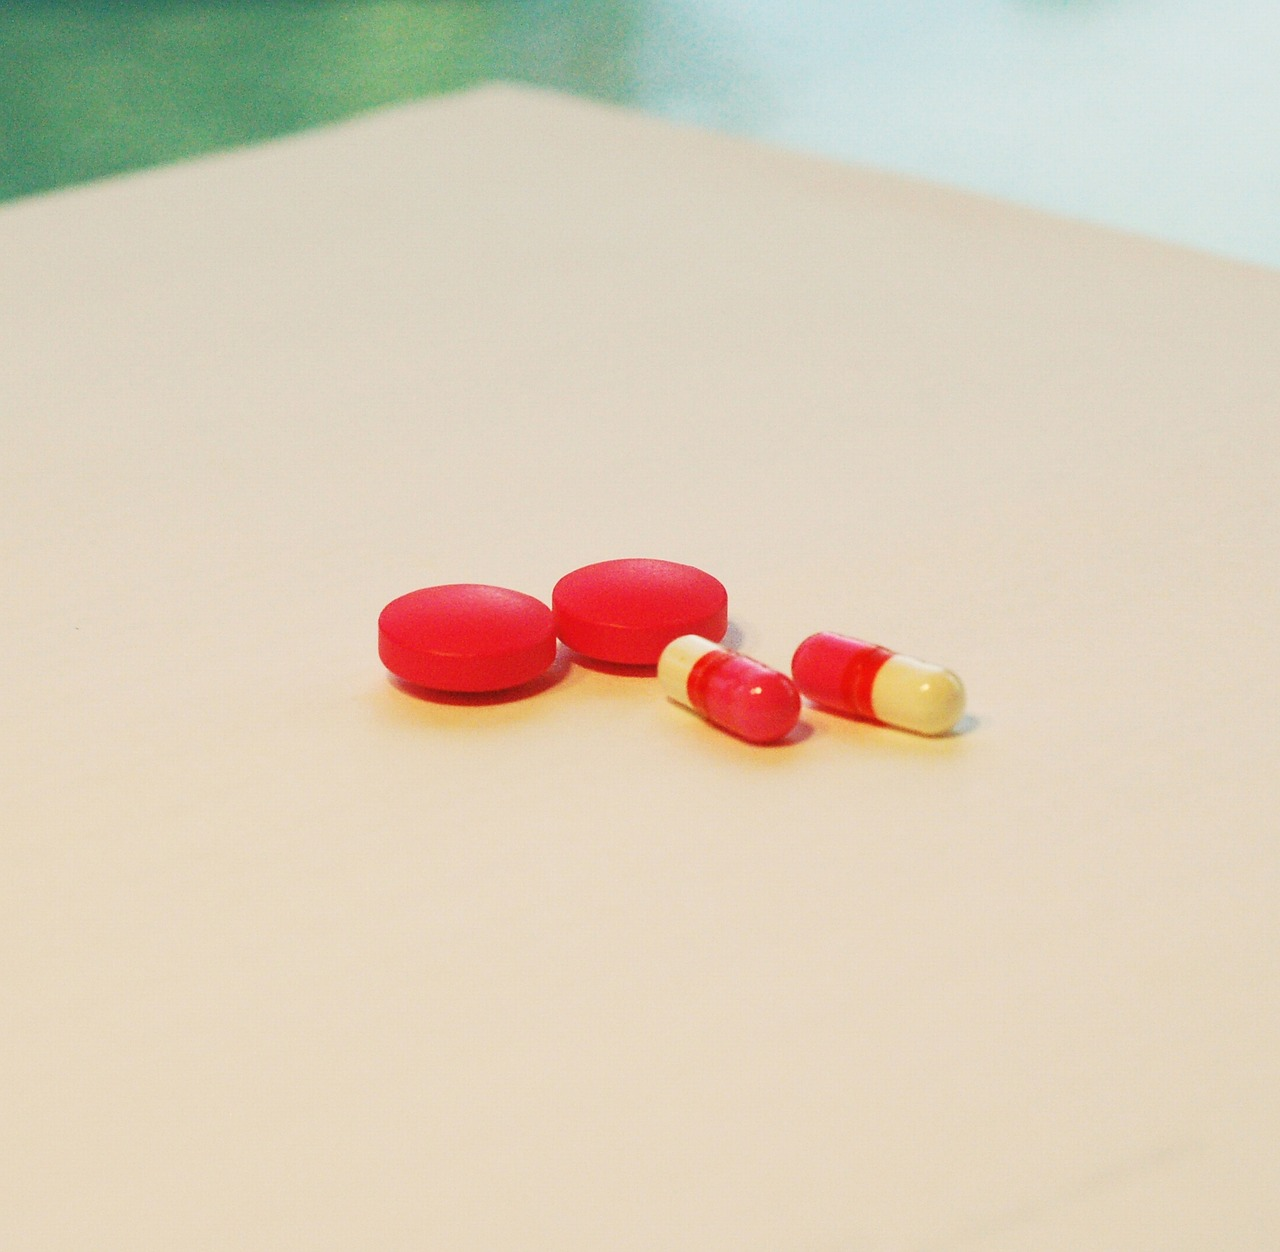 medication-593004_1280.jpg